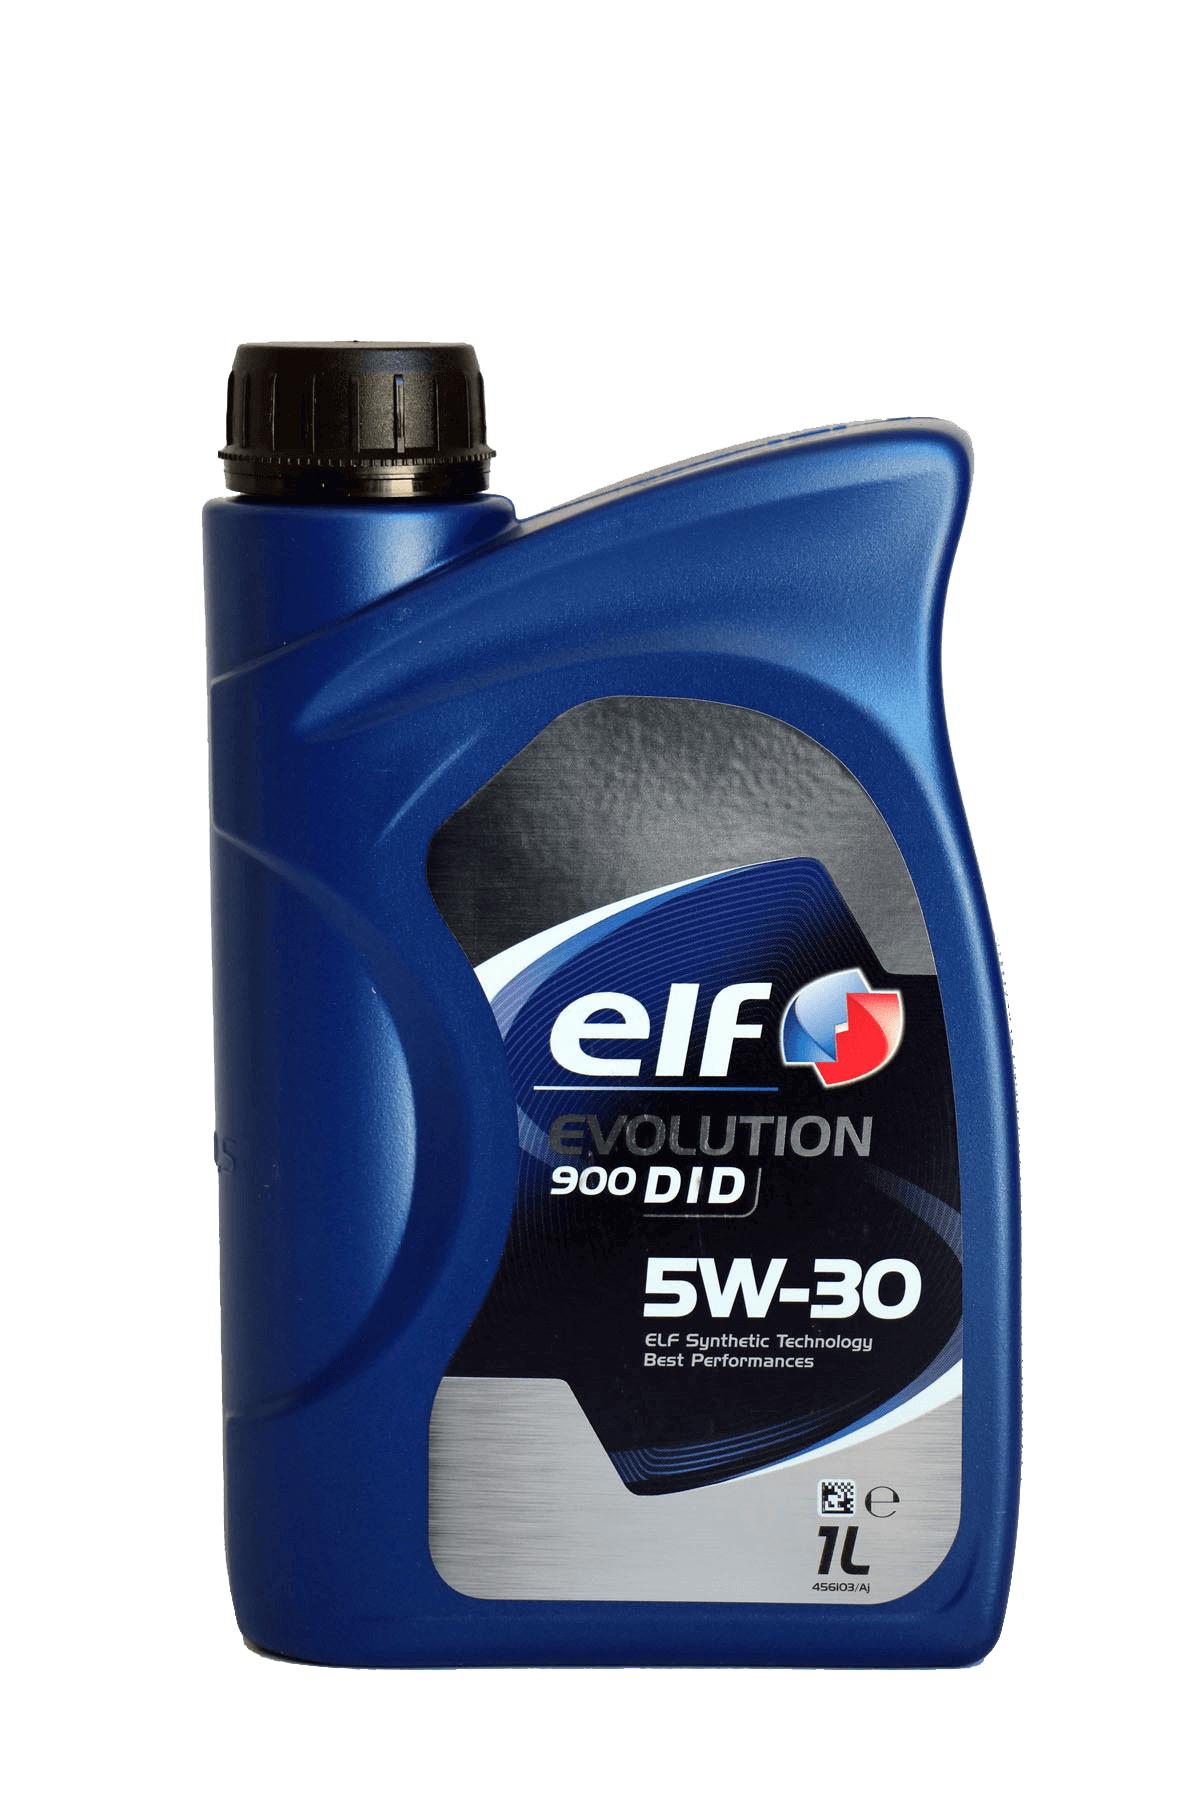 ELF Evolution 900 DID 5W-30 Motoröl, 1l